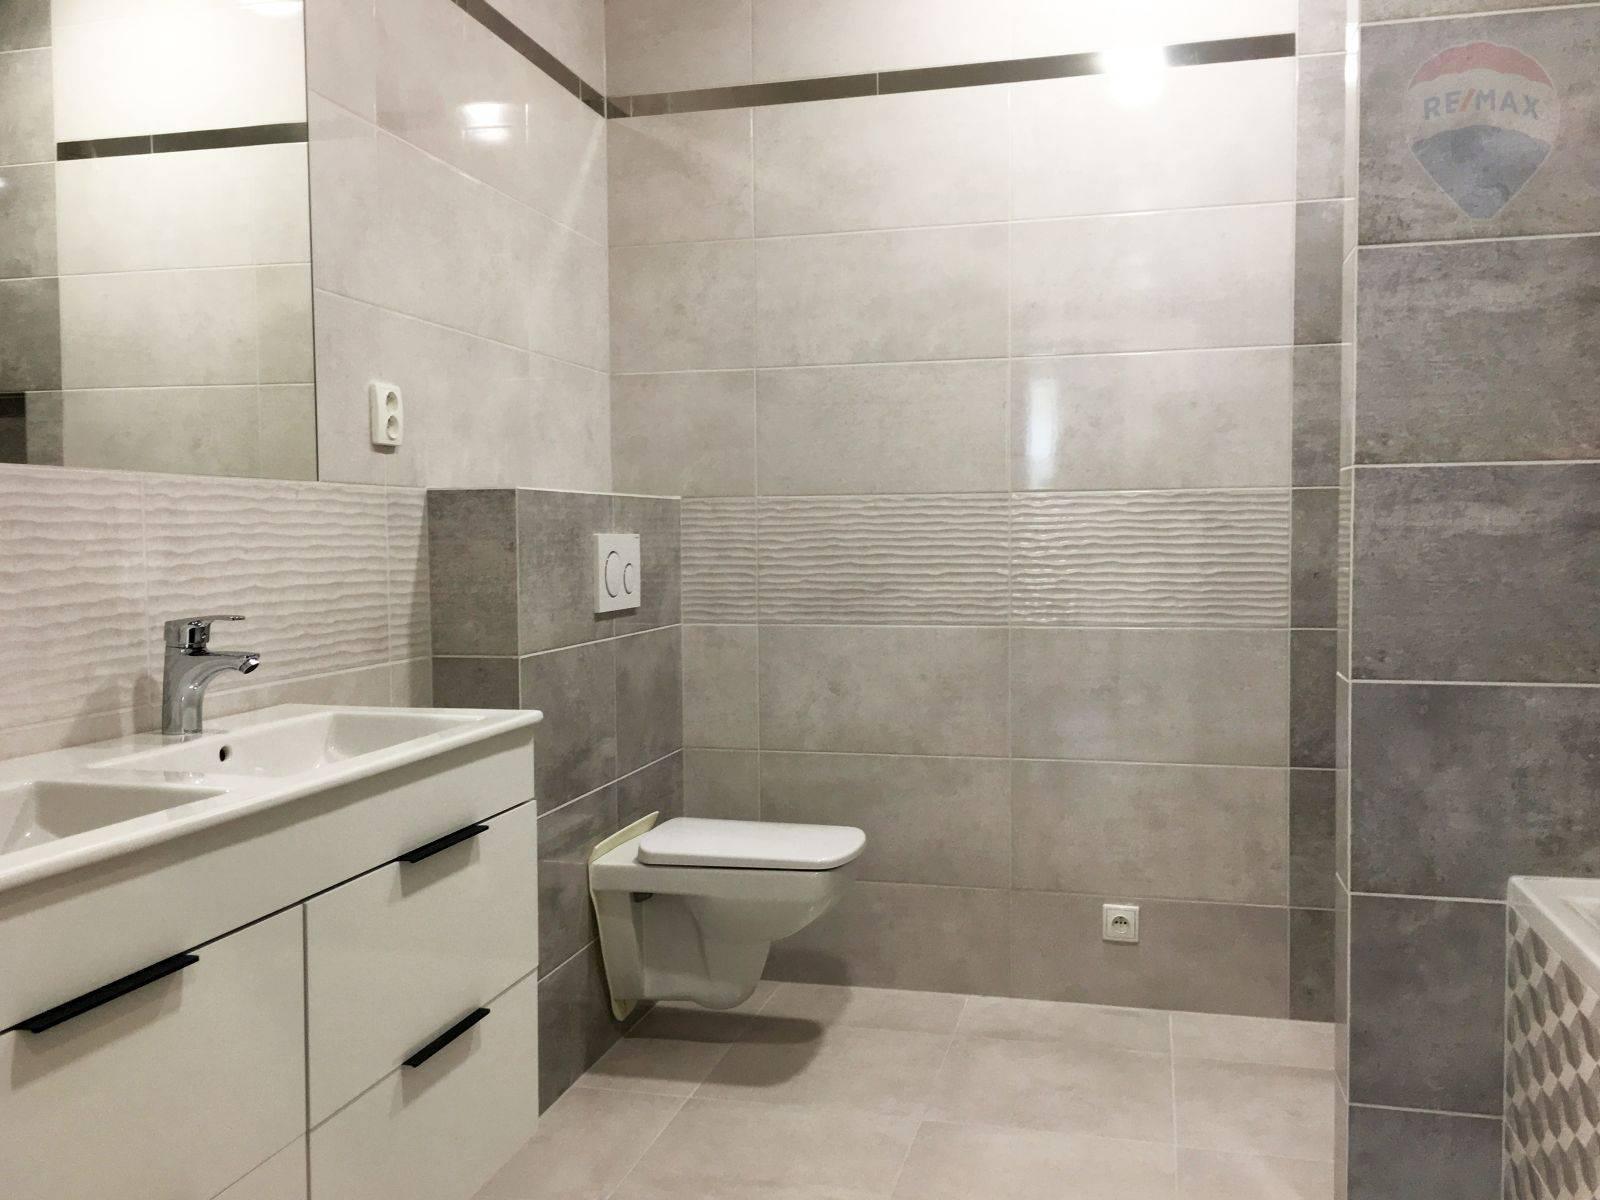 Predaj domu 100 m2, Šamorín - Rodinný dom Mliečno - kúpeľňa